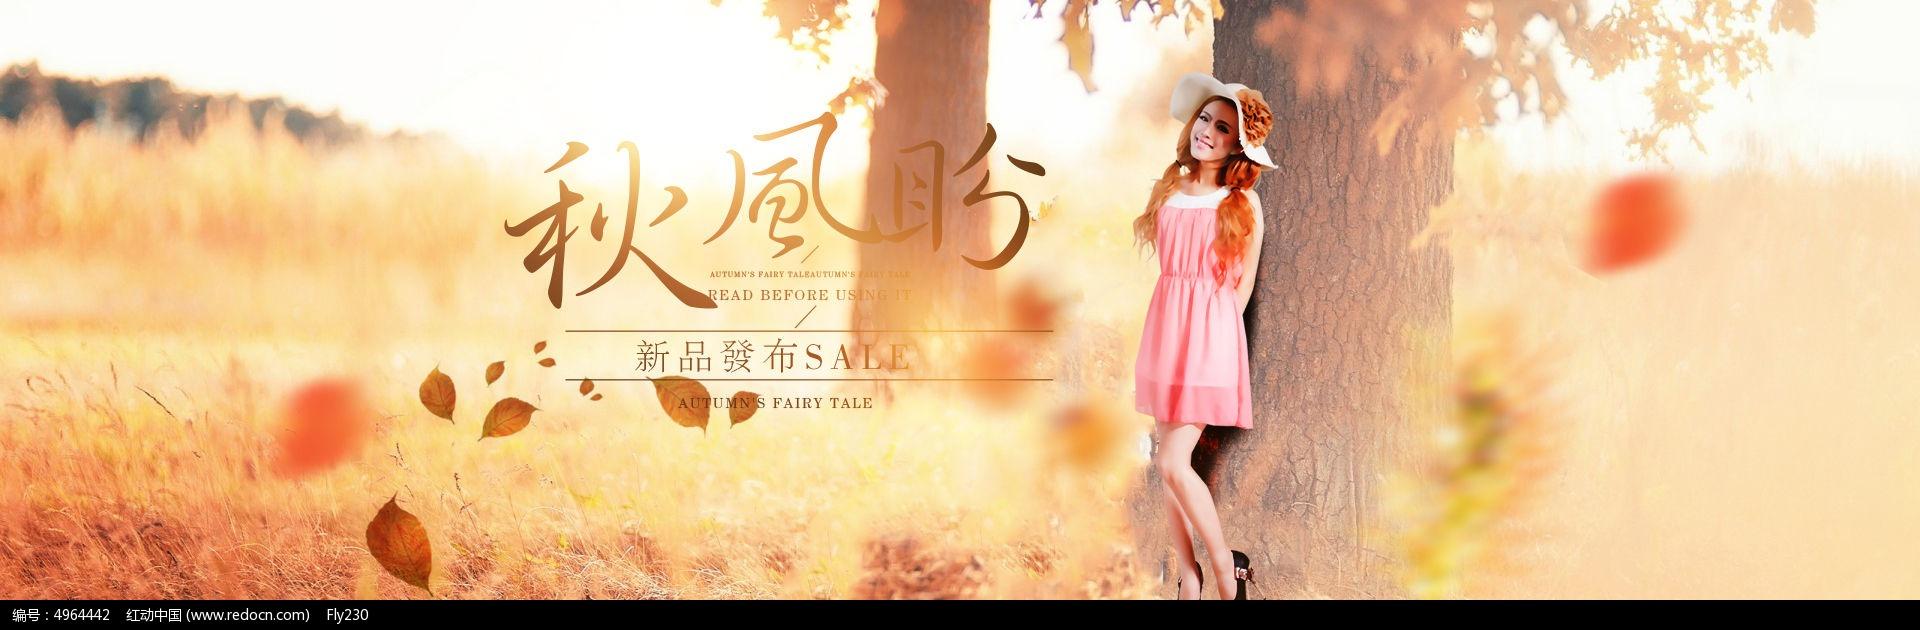 淘宝天猫秋季女装海报模板